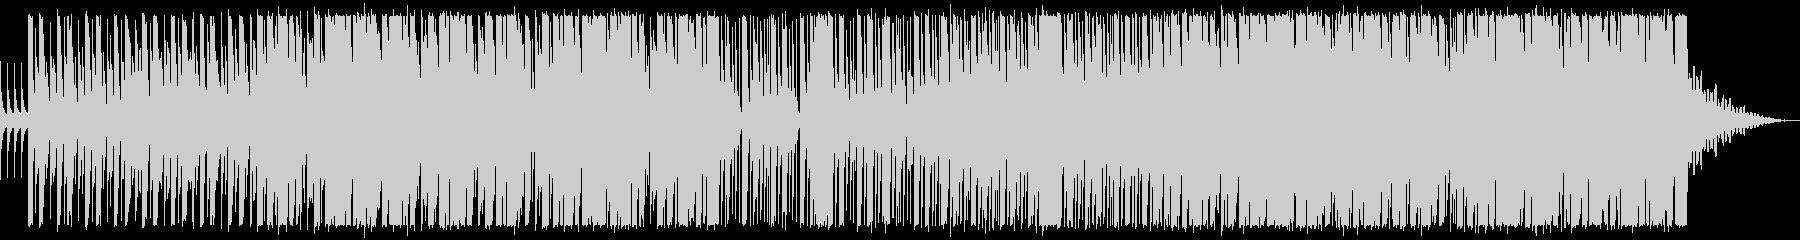 前奏曲/ポップアレンジの未再生の波形